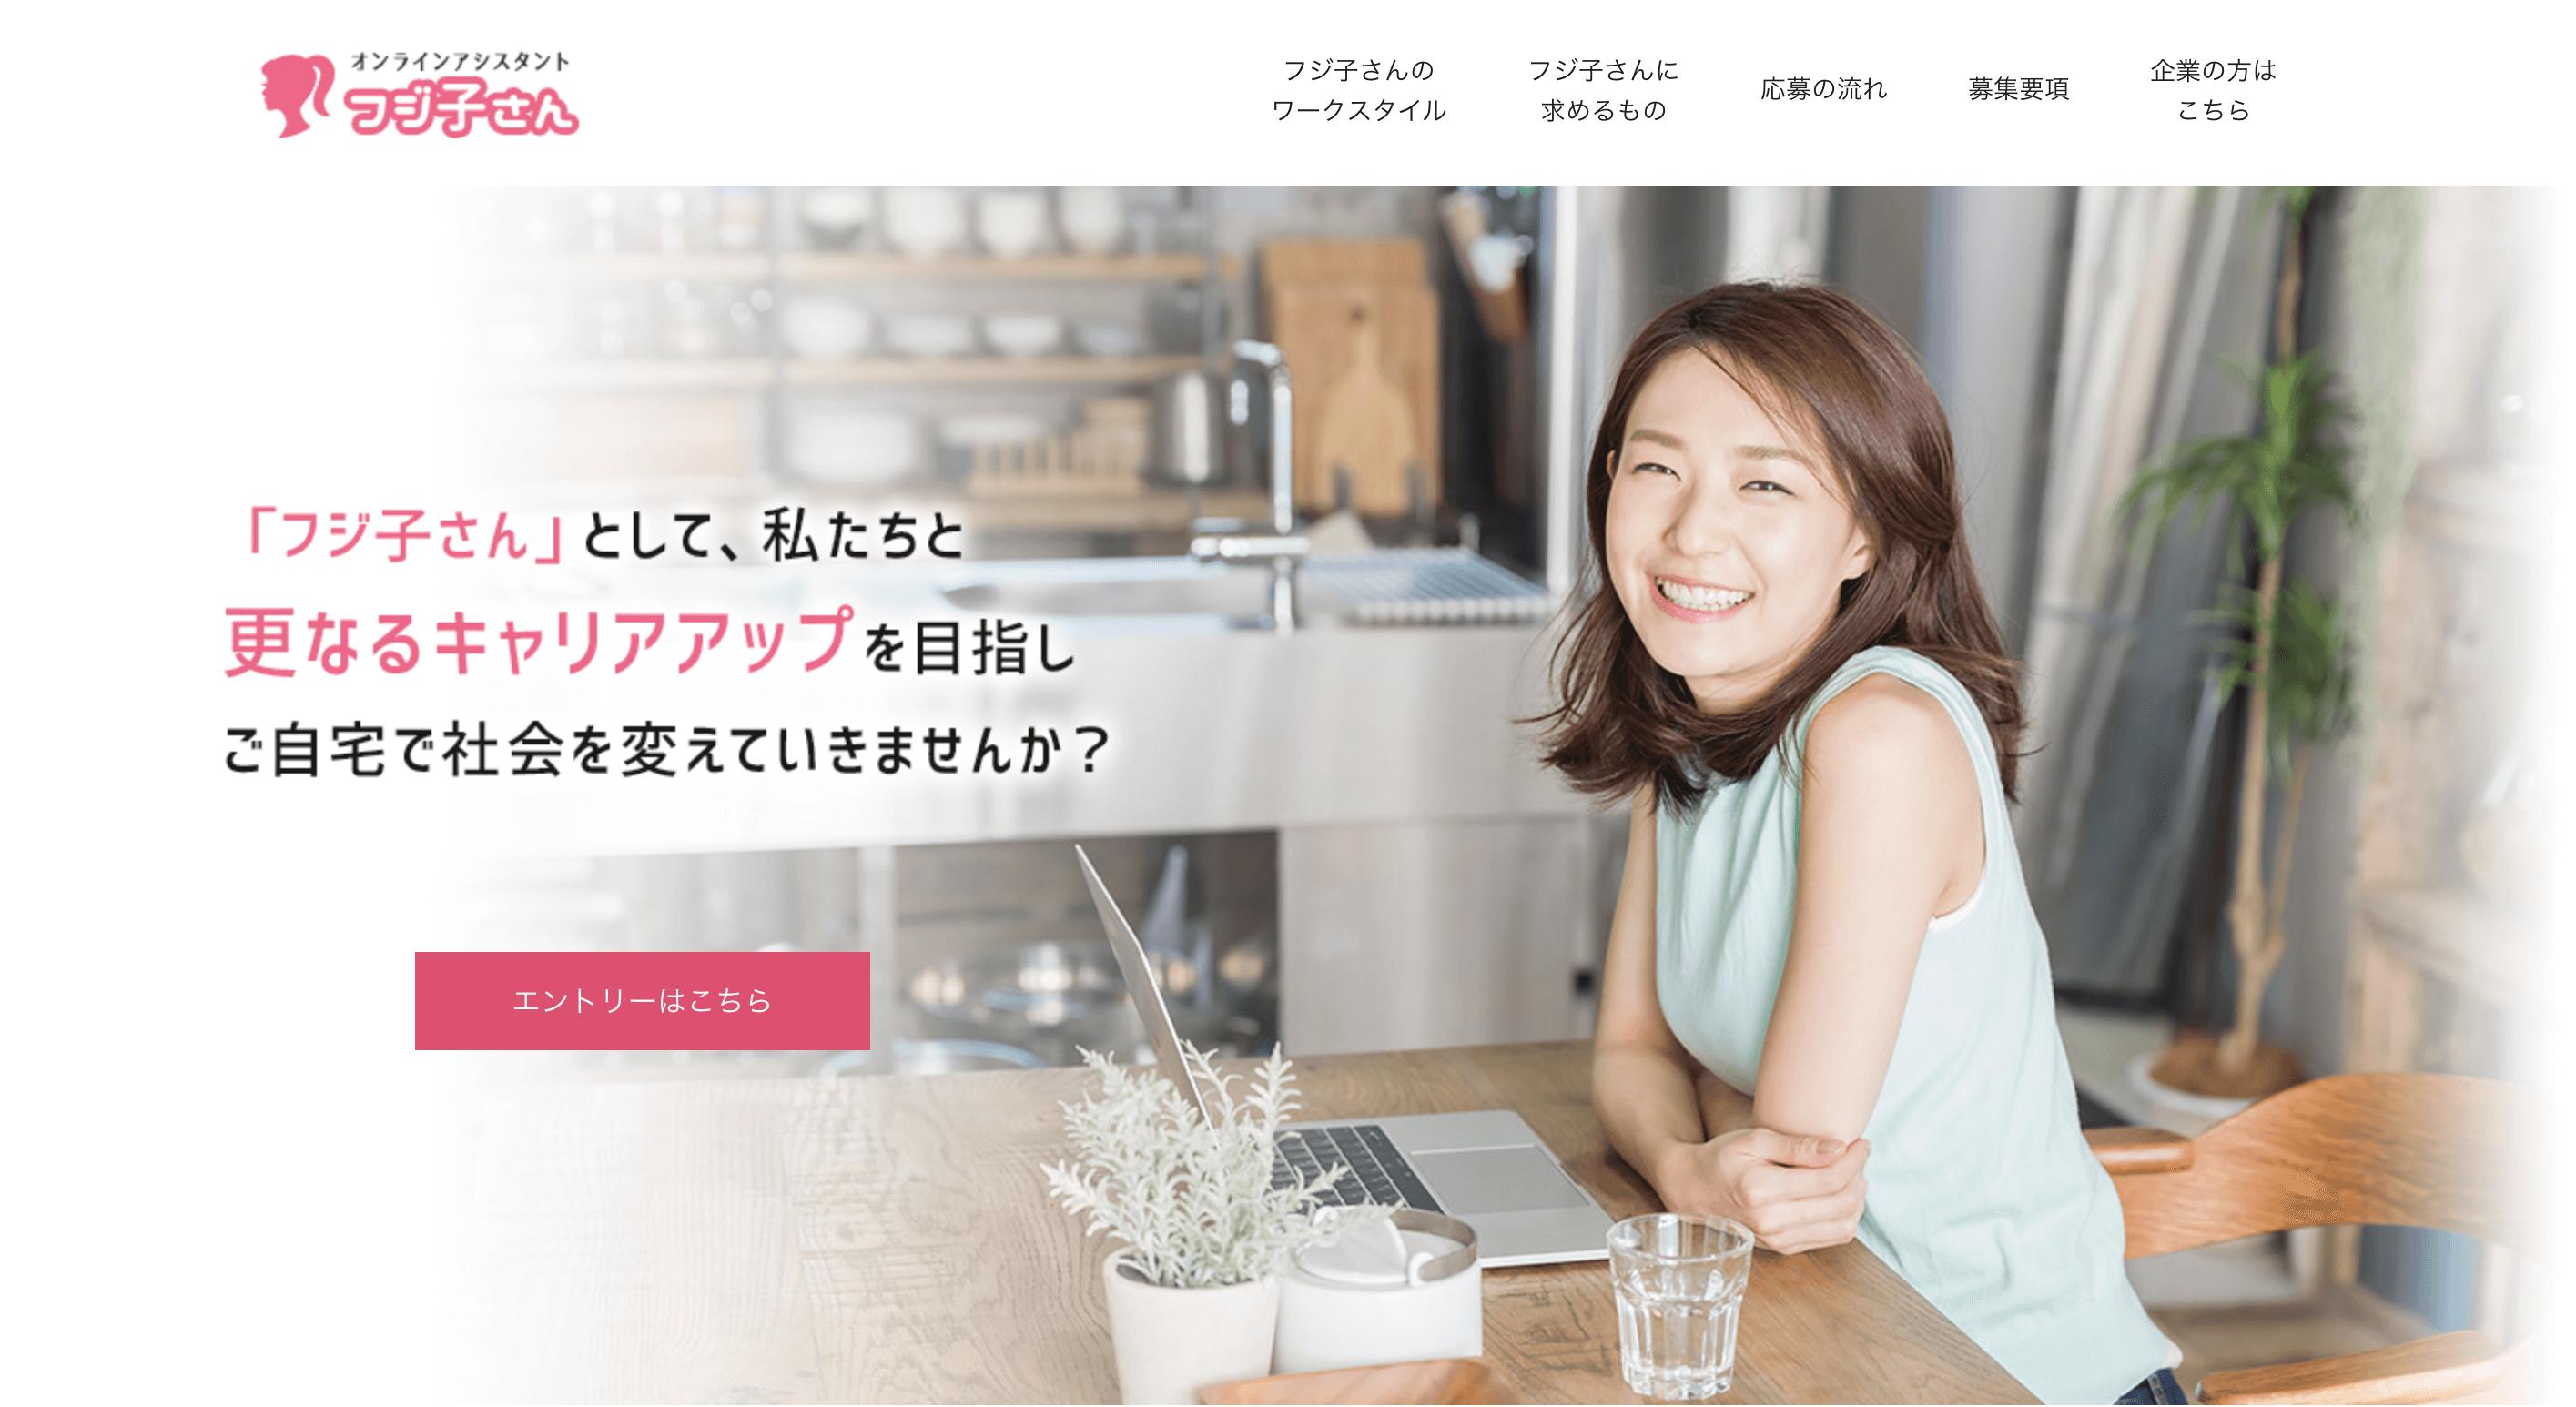 オンラインアシスタント「フジ子さん」の公式ページ